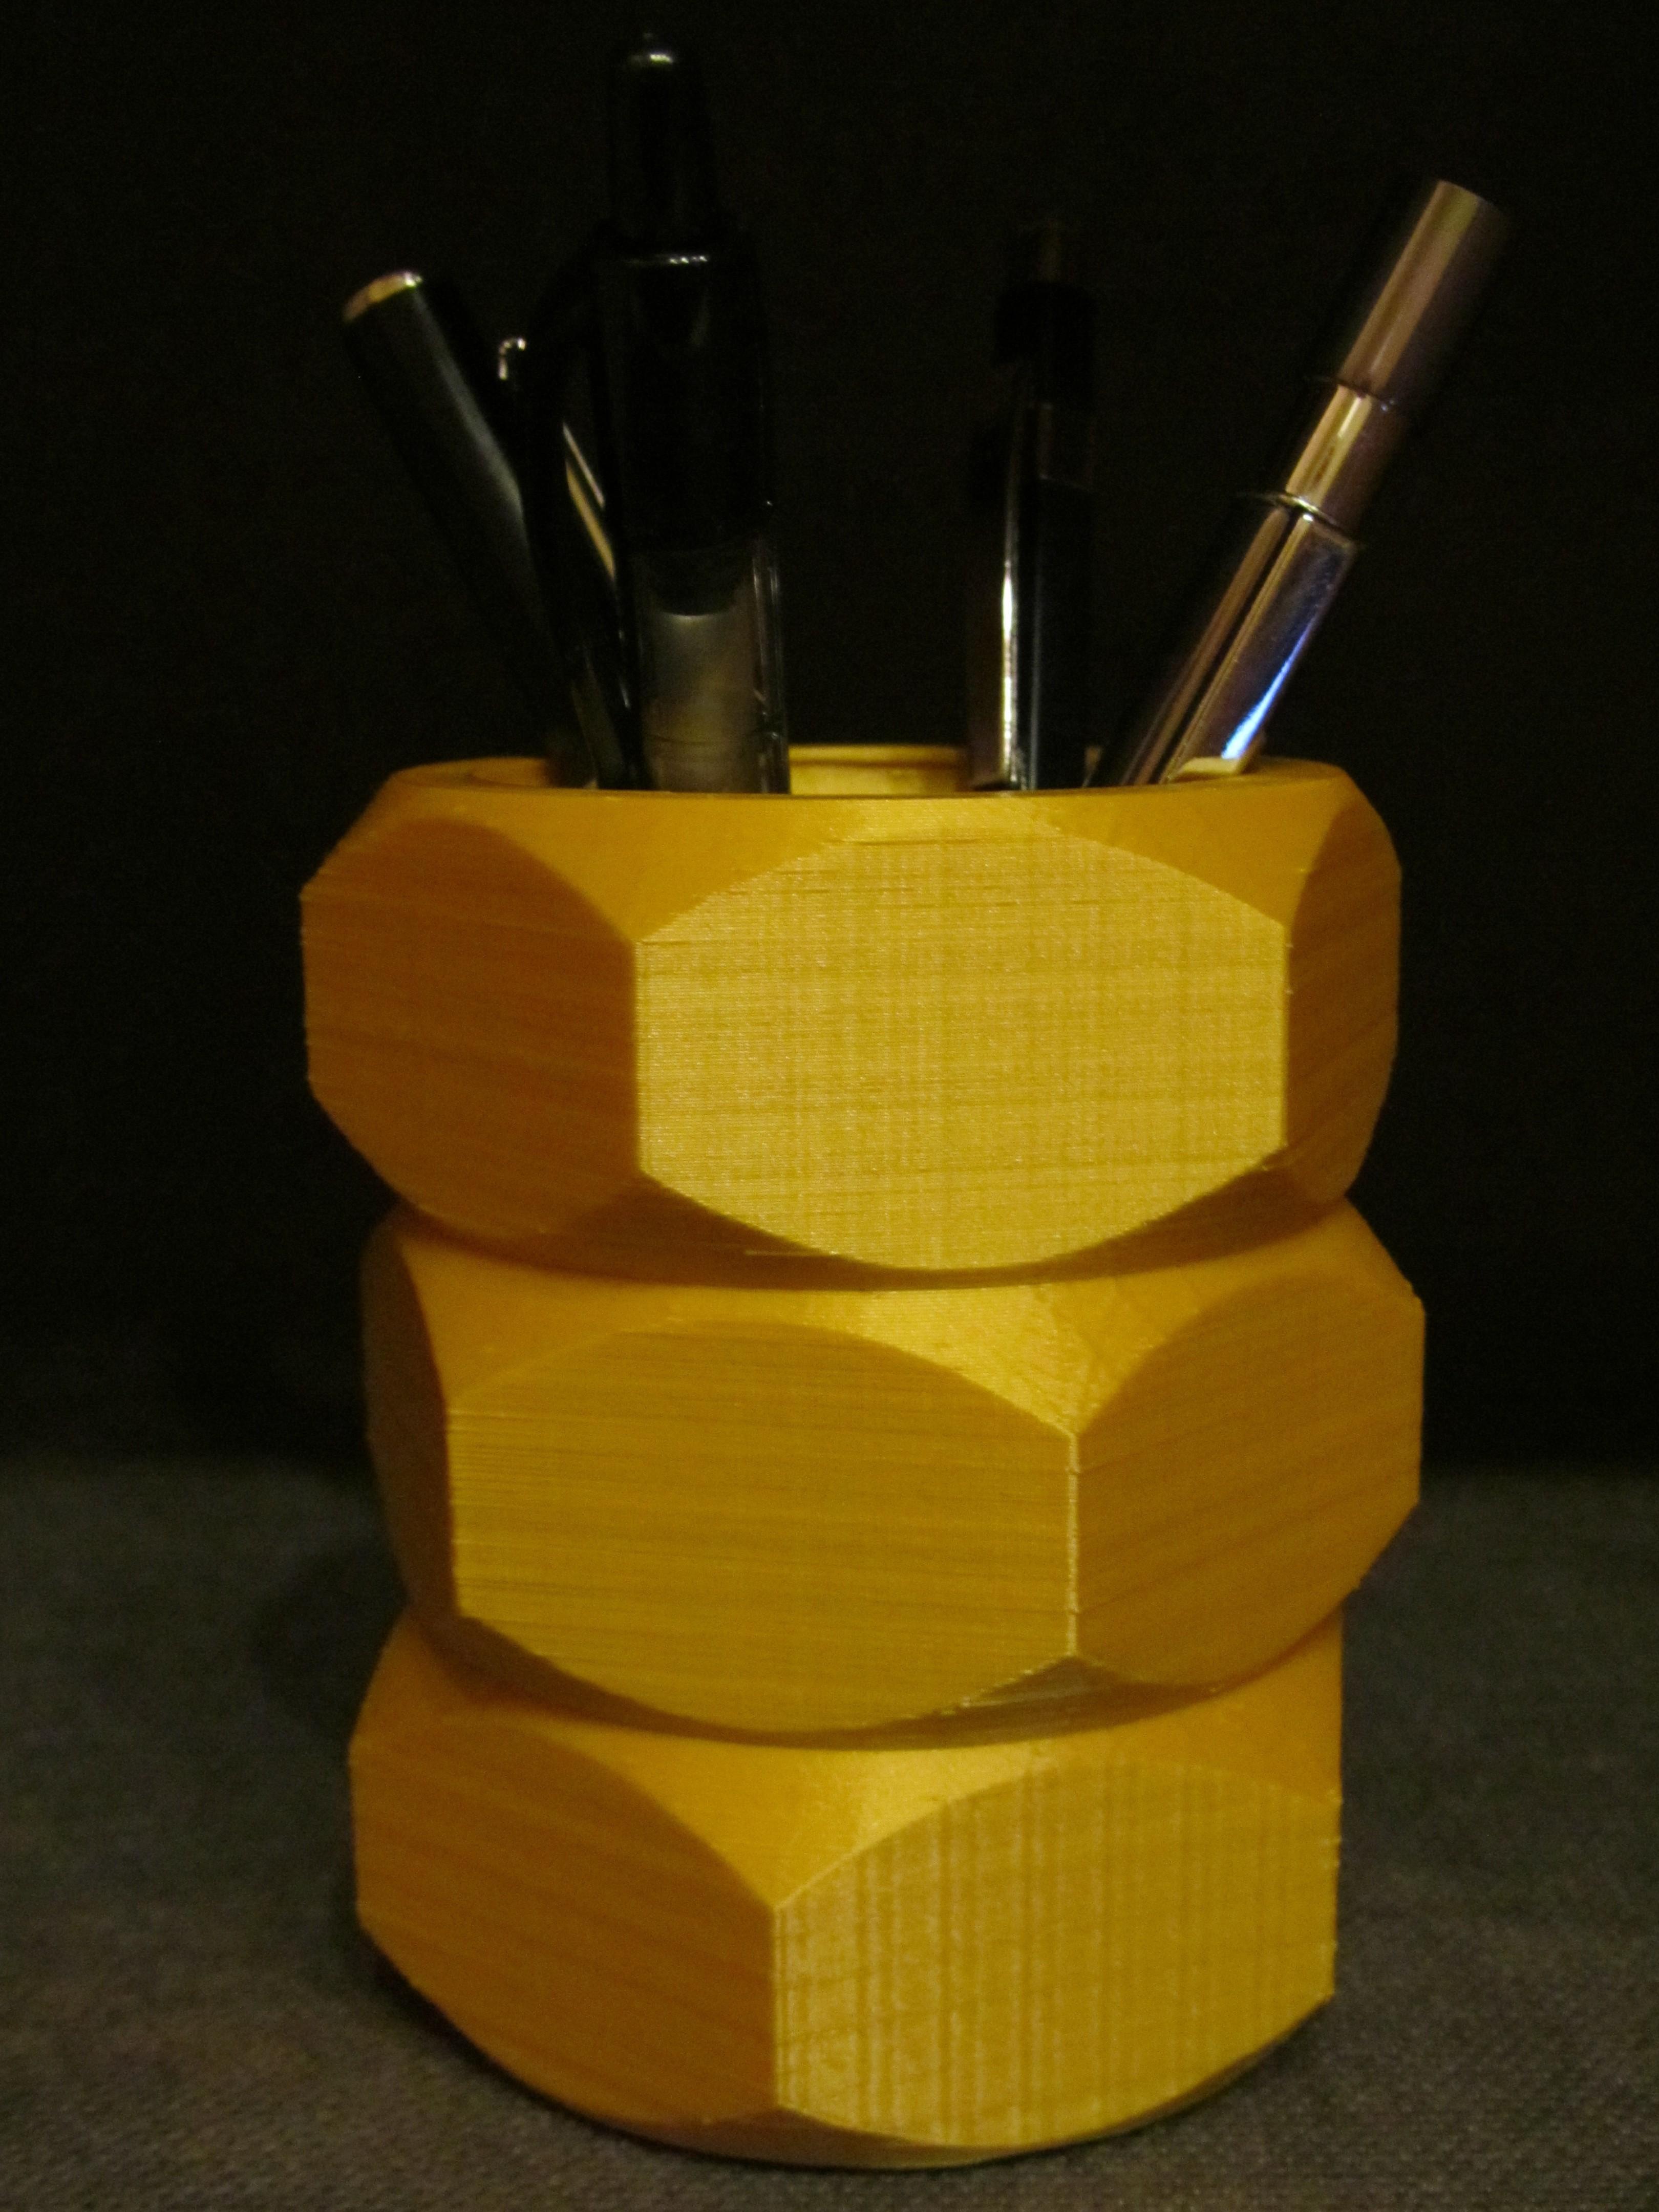 Nut Pen Holder 2.JPG Download free STL file Nut Pen Holder • 3D printing template, Alsamen